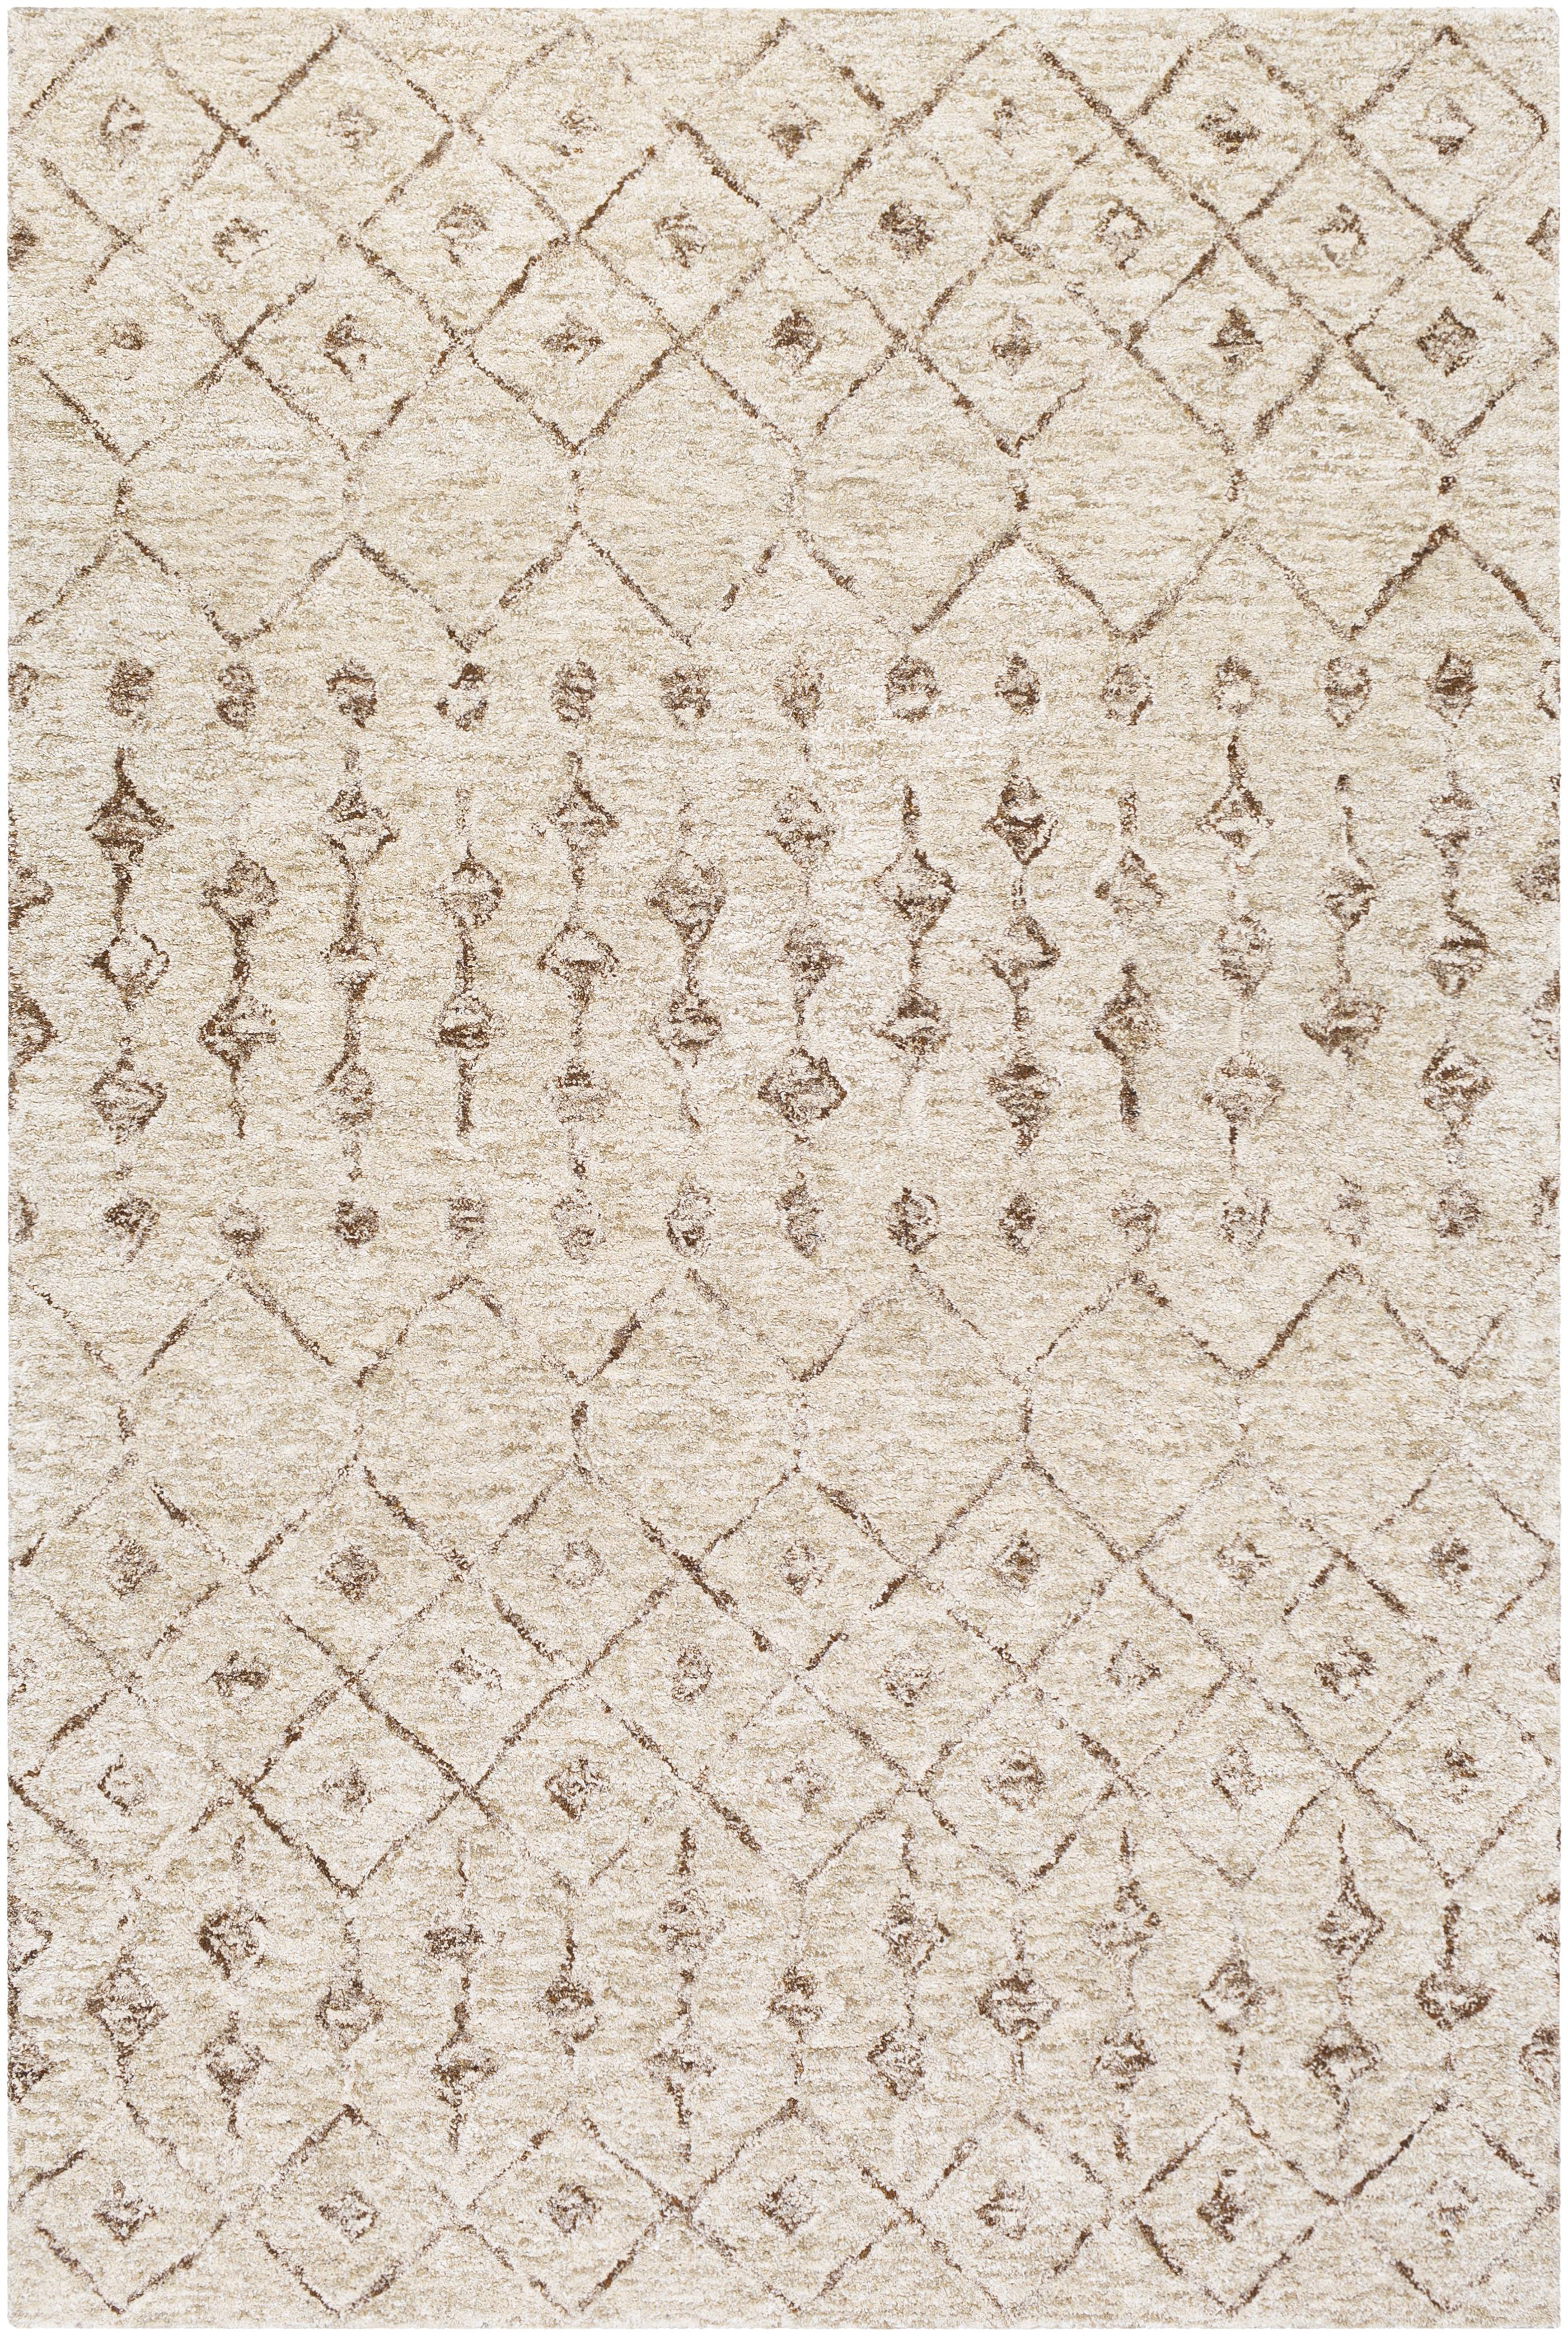 Lamesley Area Rug Product Image